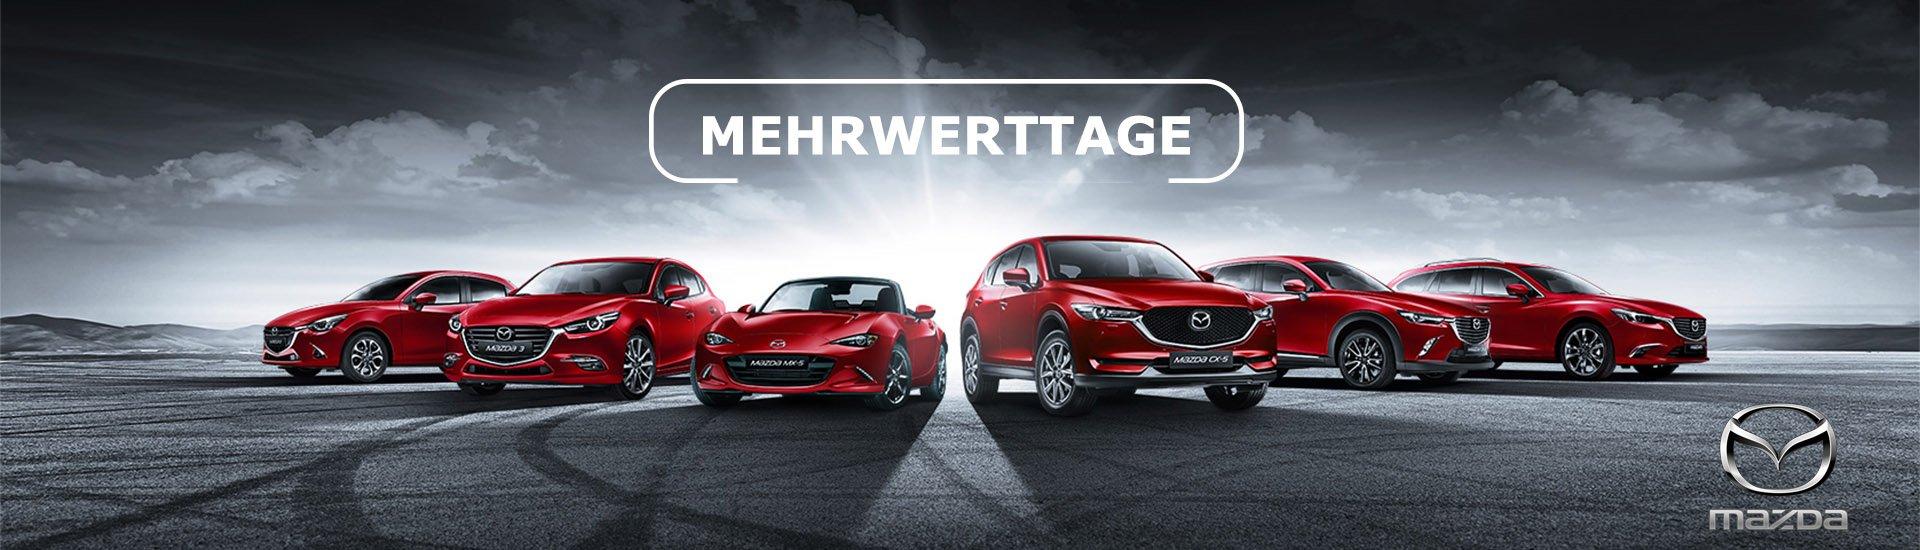 Mazda Mehrwerttage